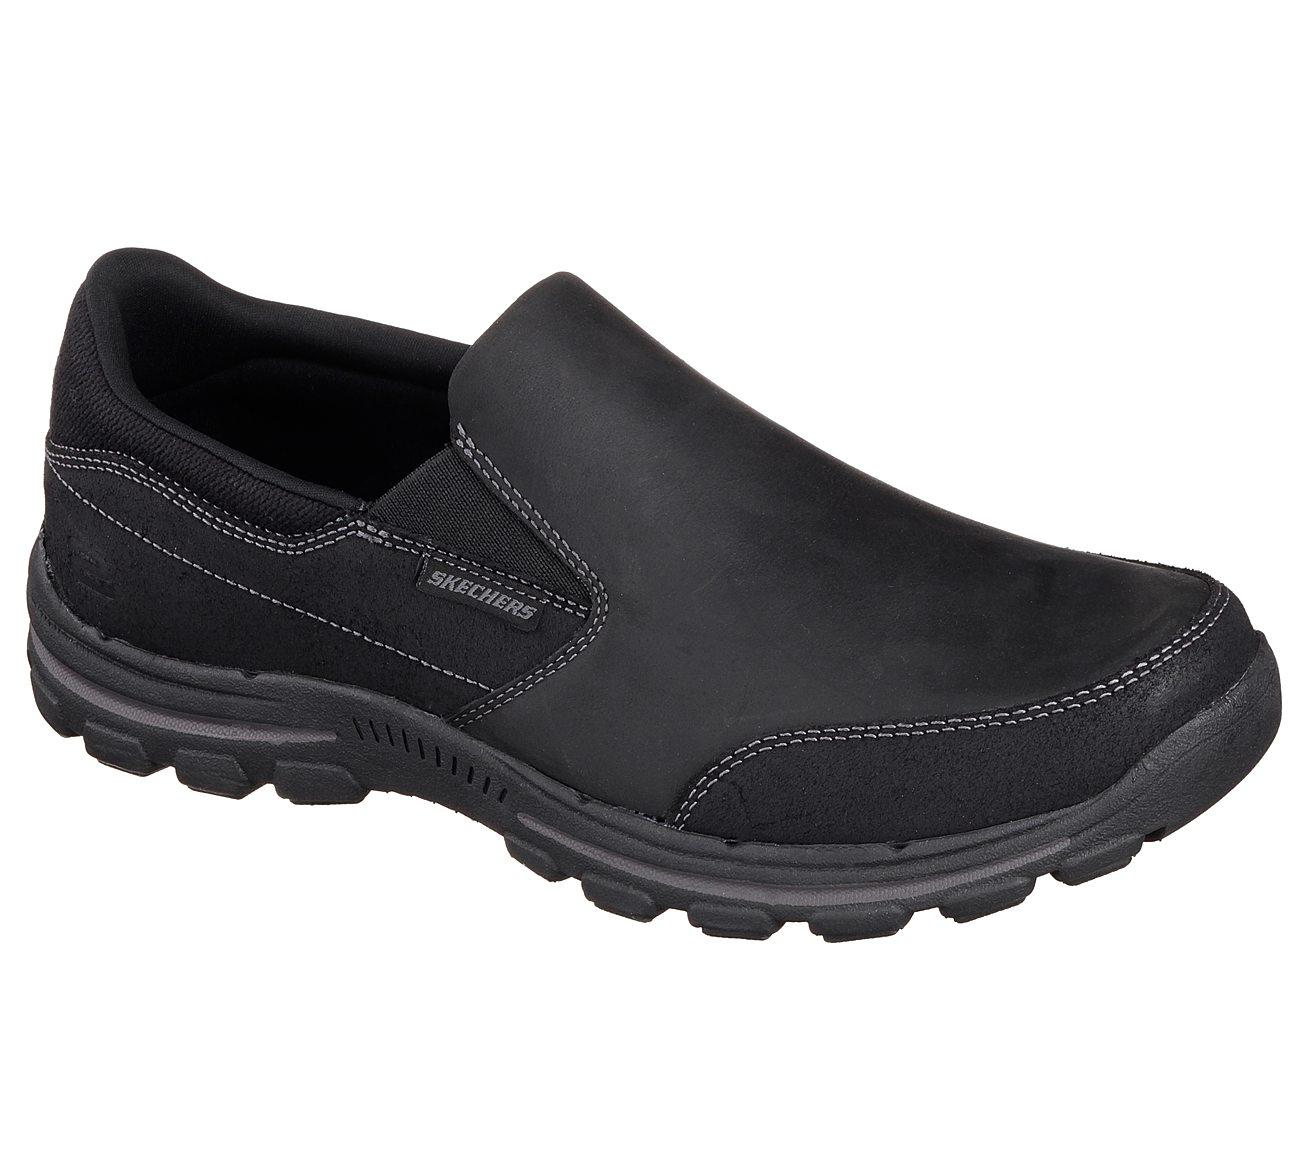 Skechers Relaxed Fit Braver Men S Slip On Shoes